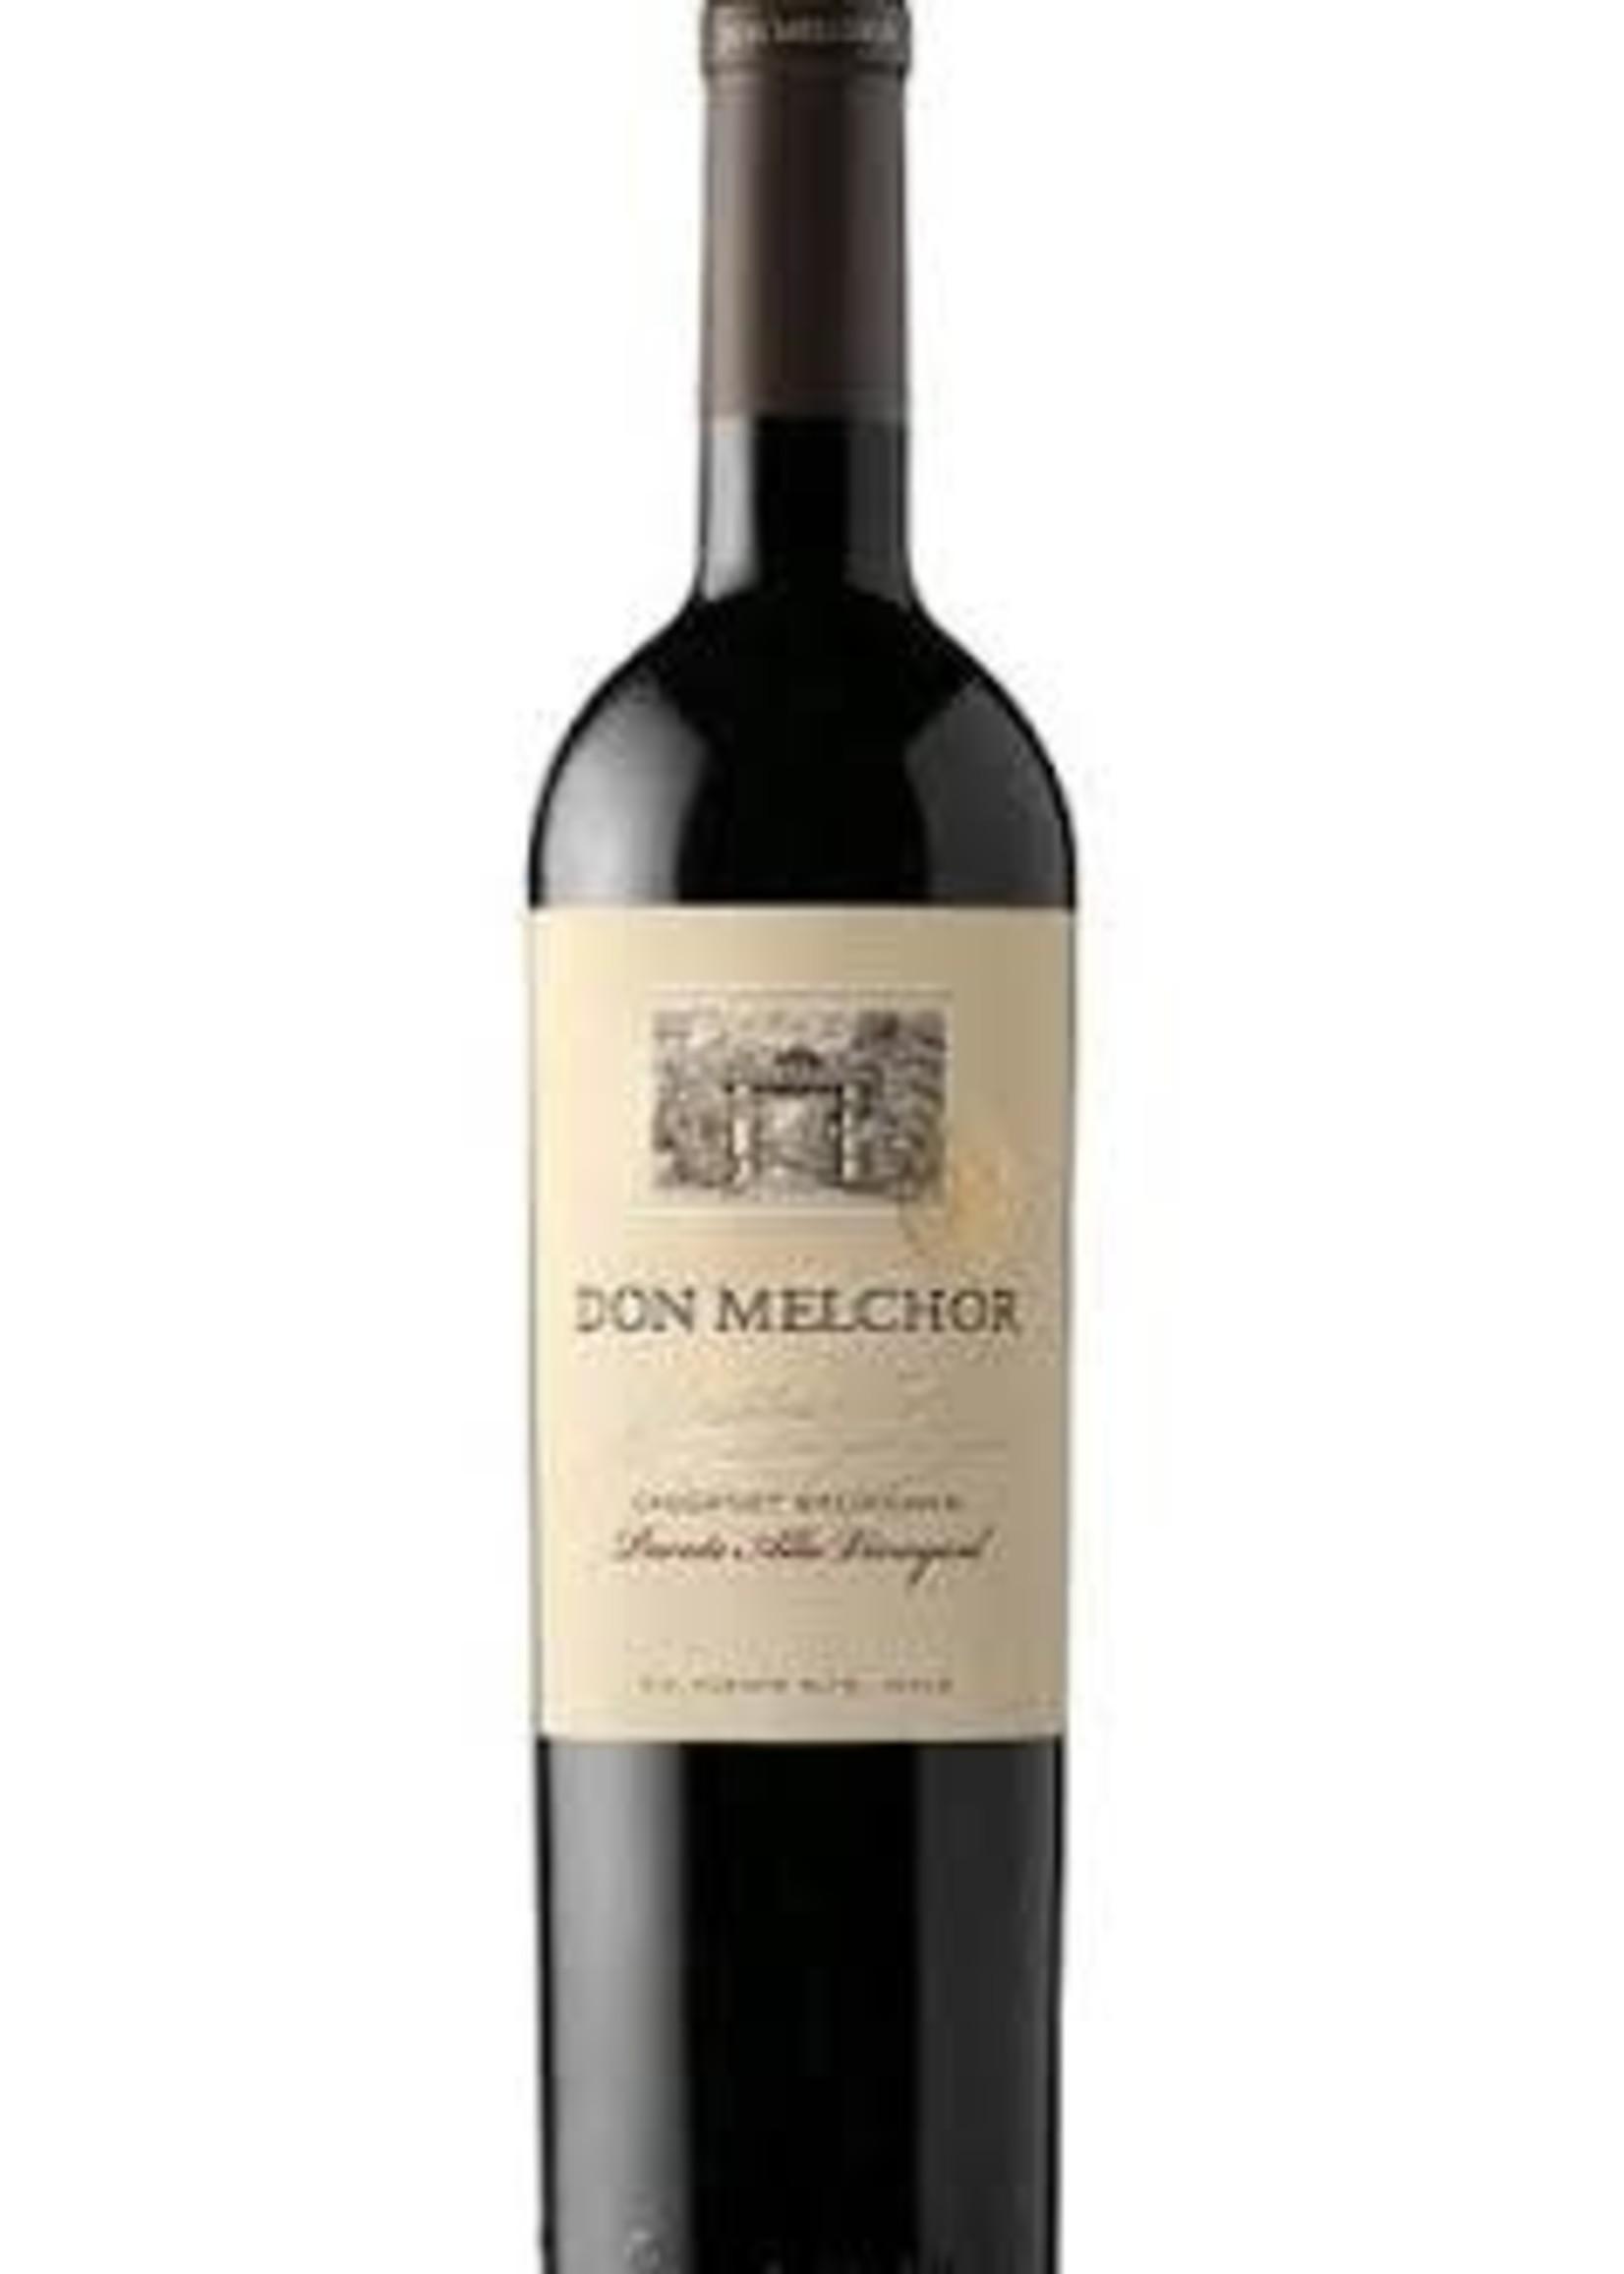 Concha y Toro 2018 Don Melchor Cabernet Sauvignon 750ml